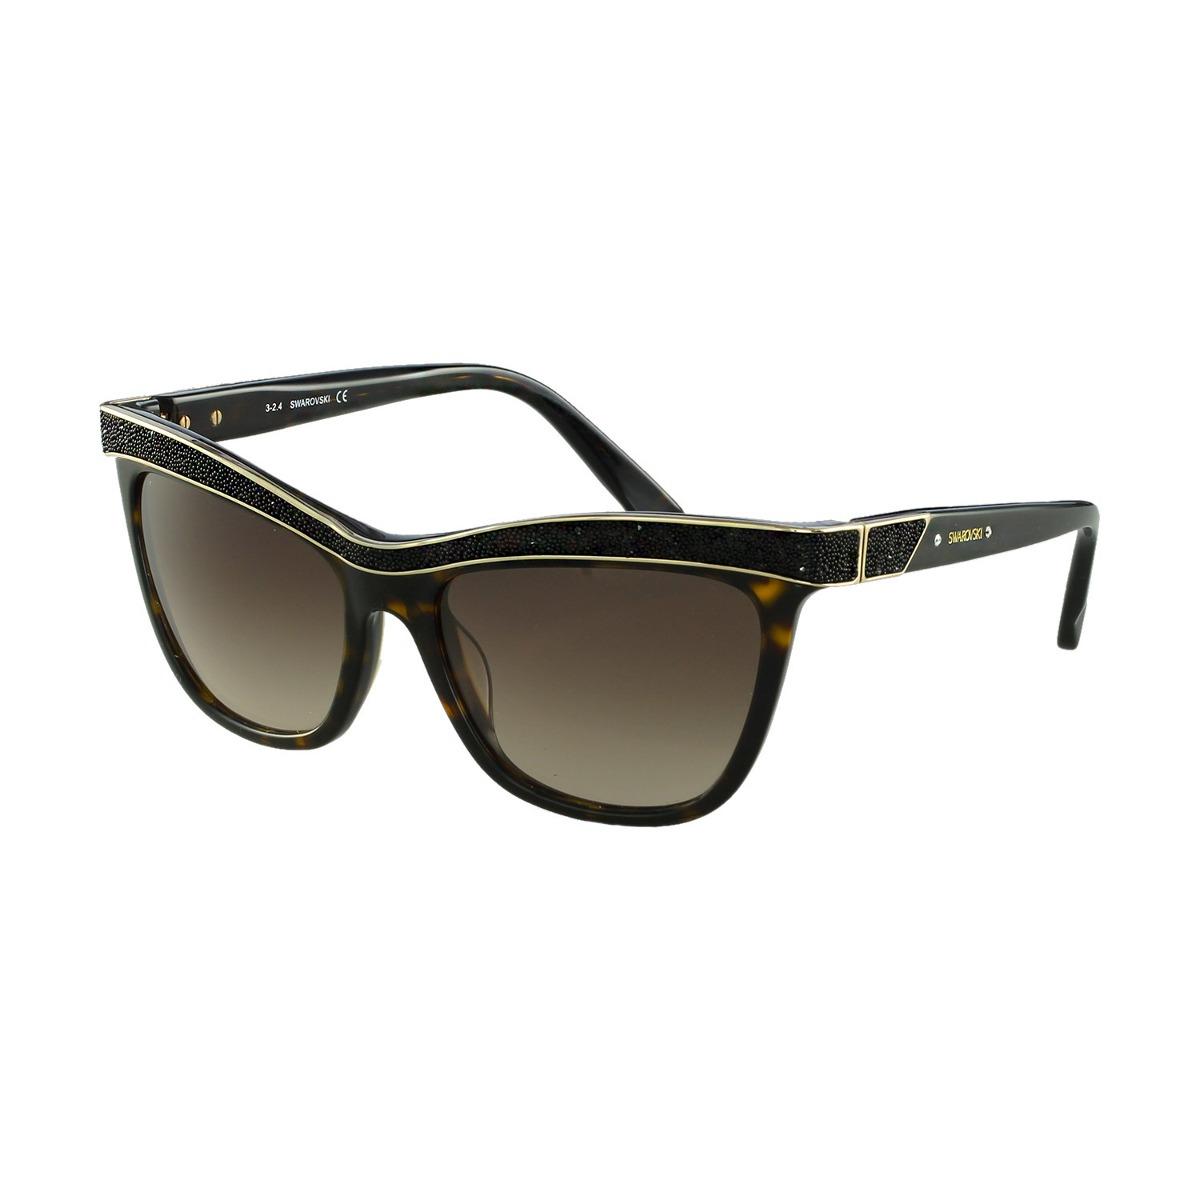 Óculos De Sol Swarovski Fashion Marrom - R  991,00 em Mercado Livre 92ff29cc64